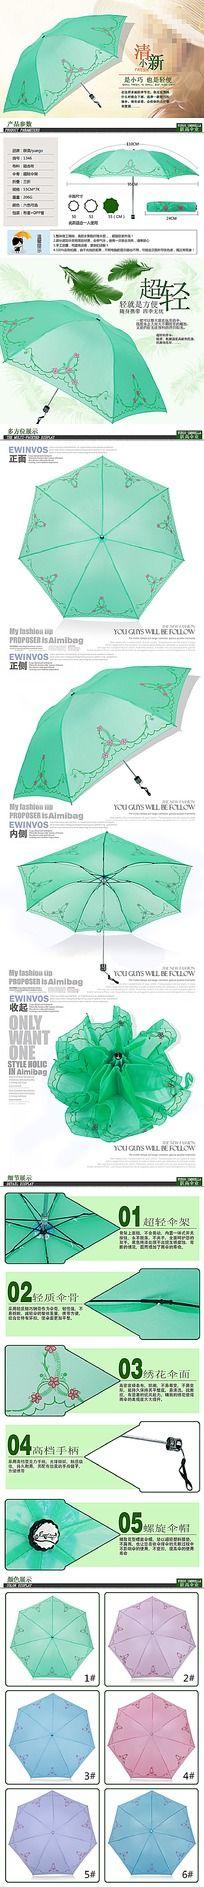 雨伞太阳伞淘宝详情页PSD分层文件